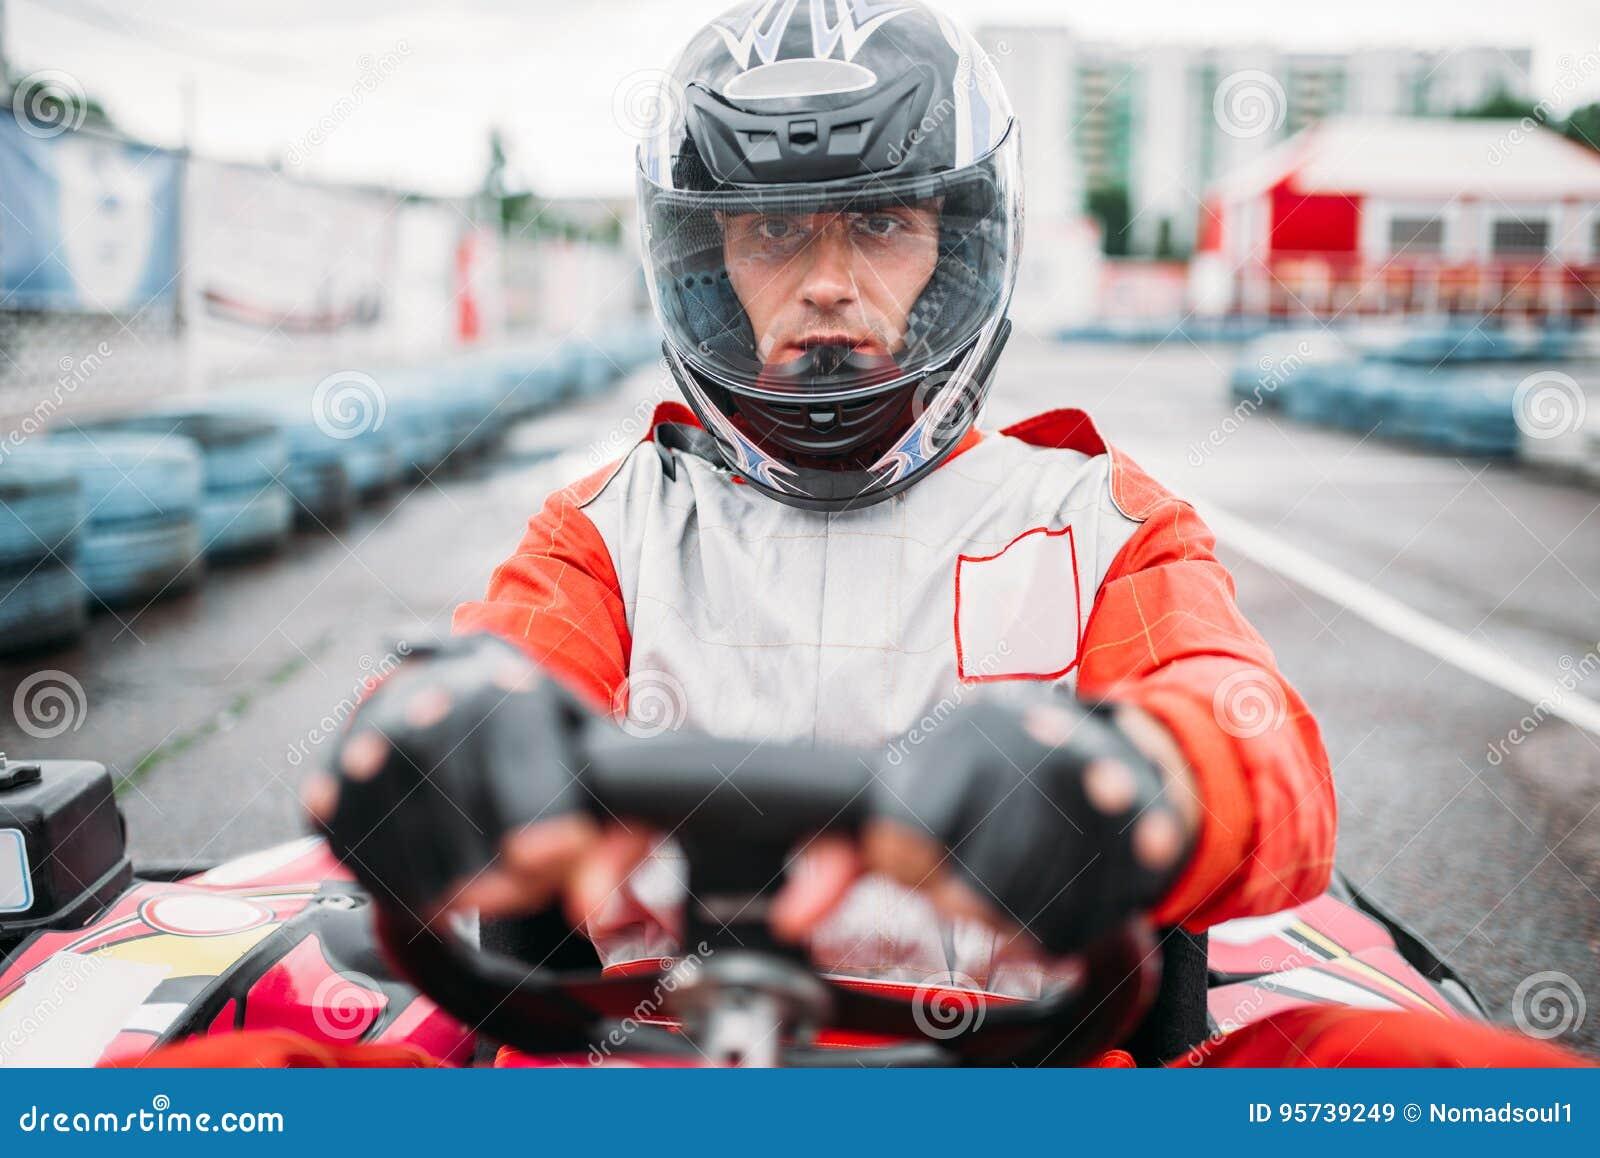 Carting a raça, vá motorista do kart no capacete, vista dianteira